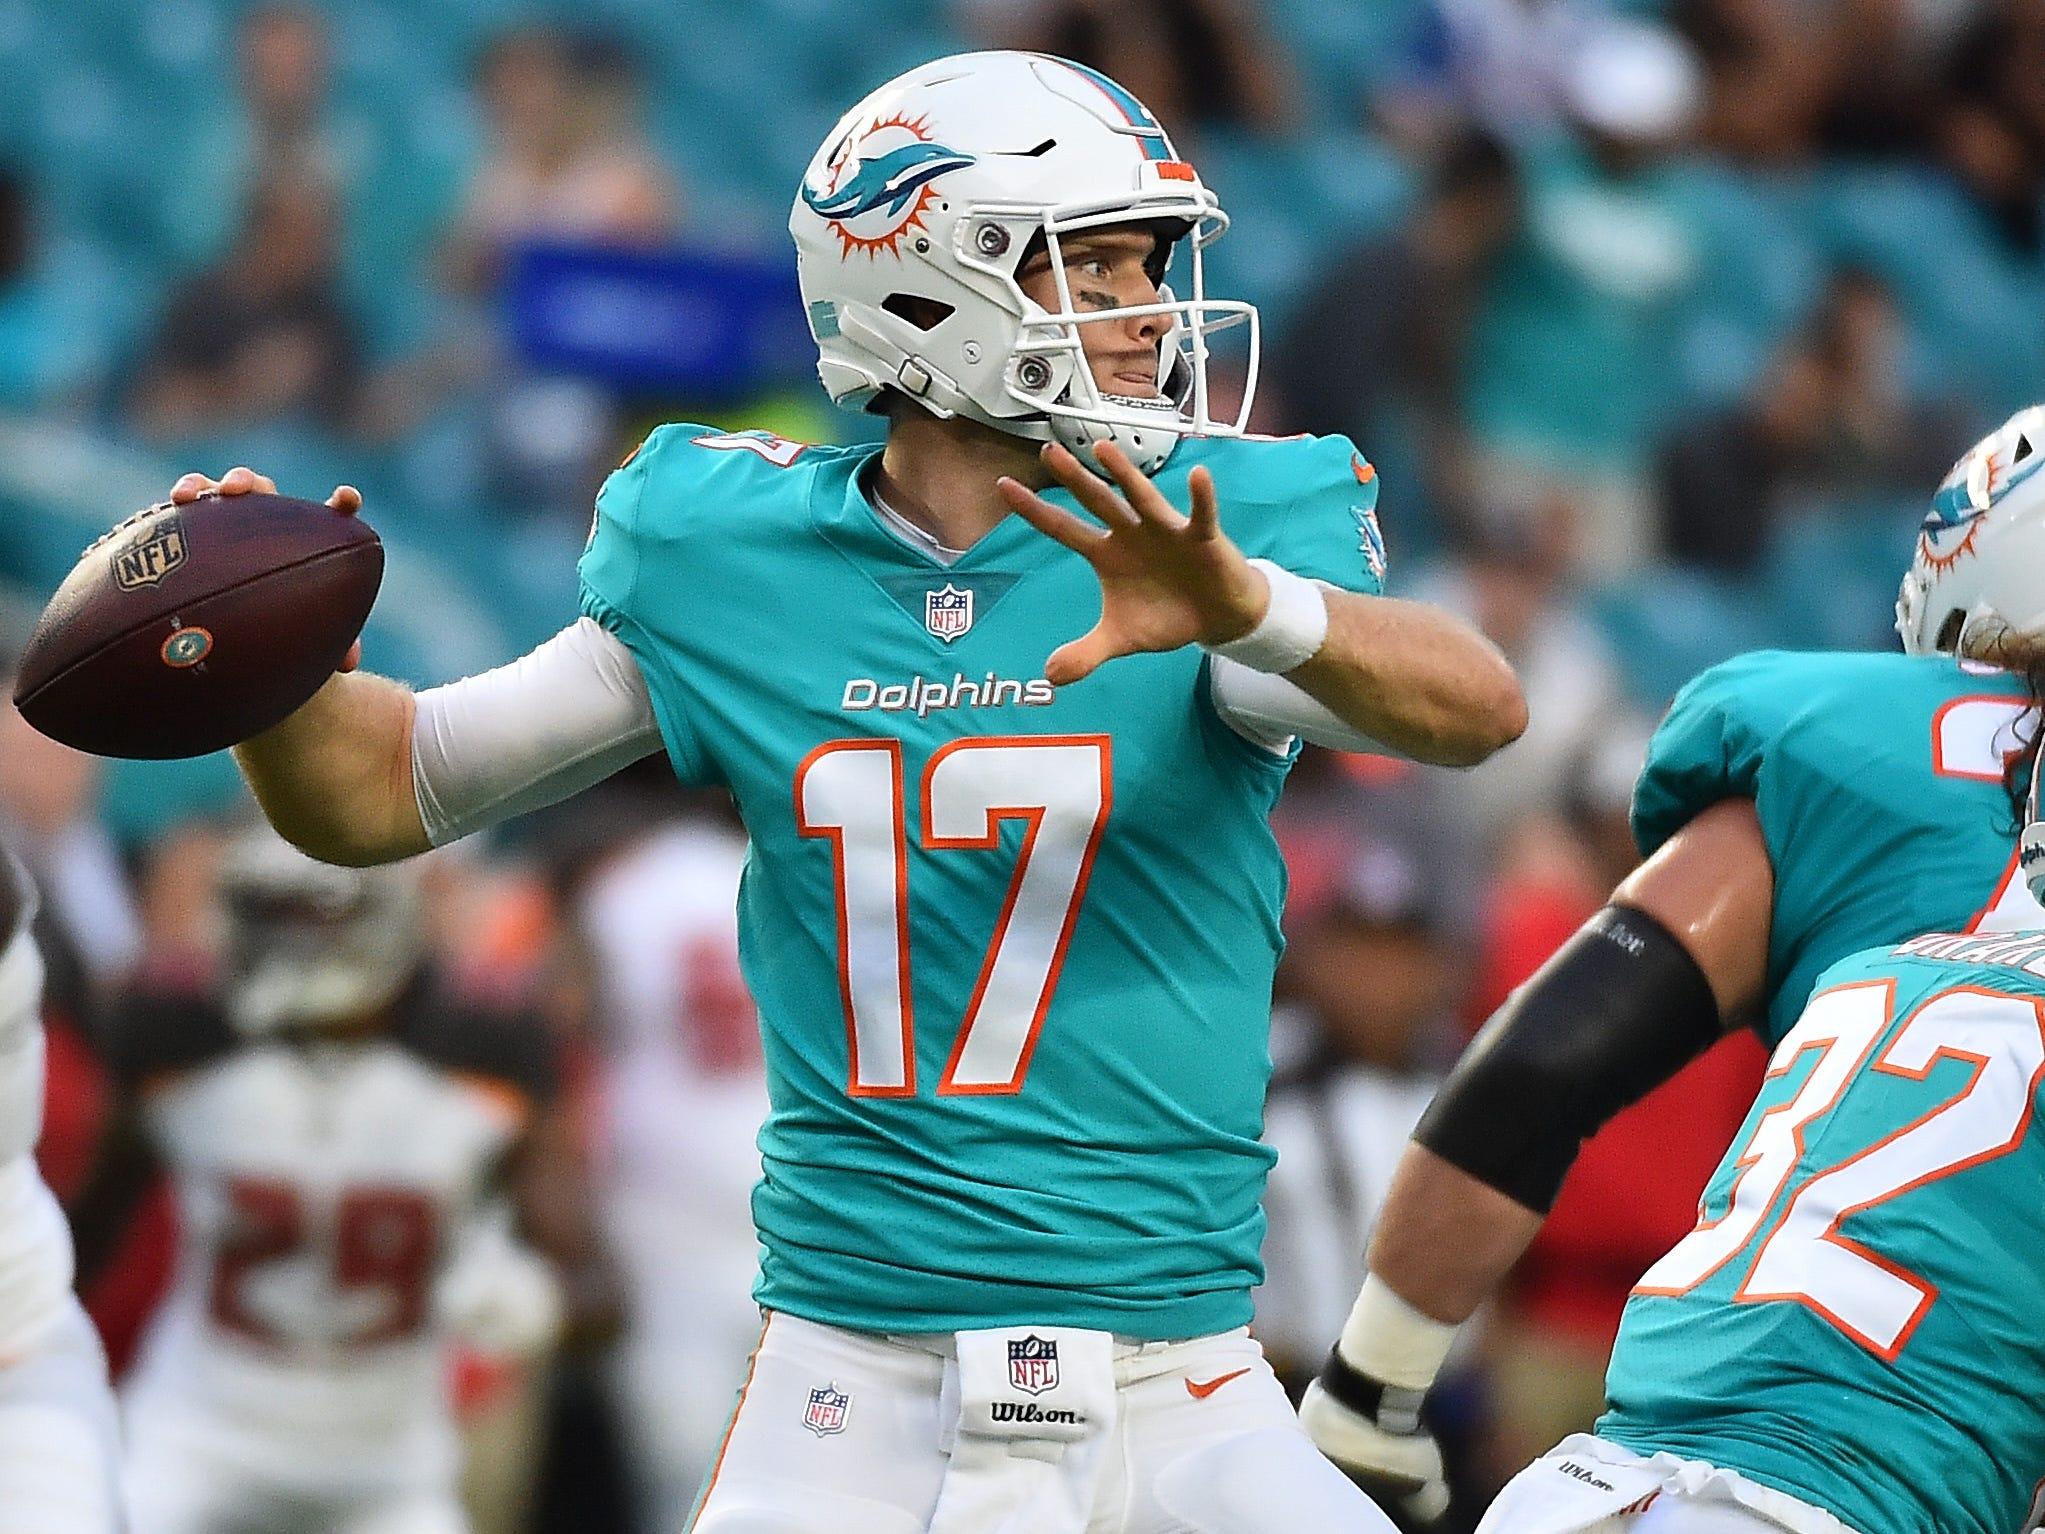 Miami Dolphins: Ryan Tannehill